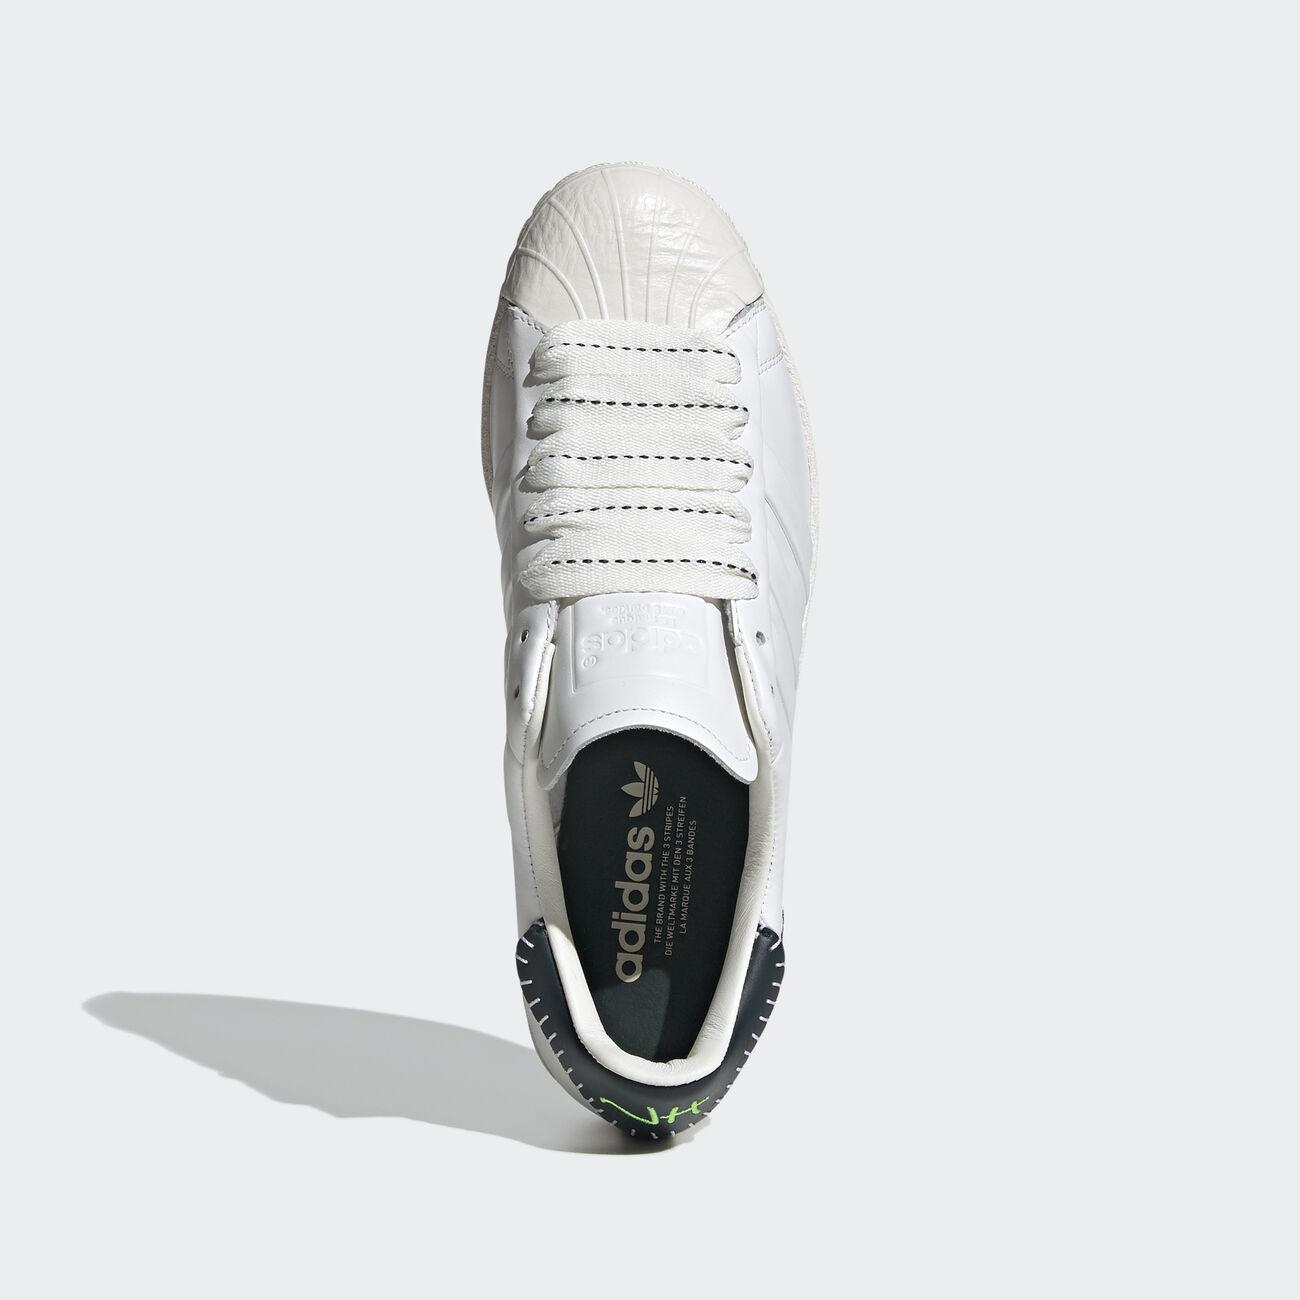 adidas Superstar x Jonah Hill